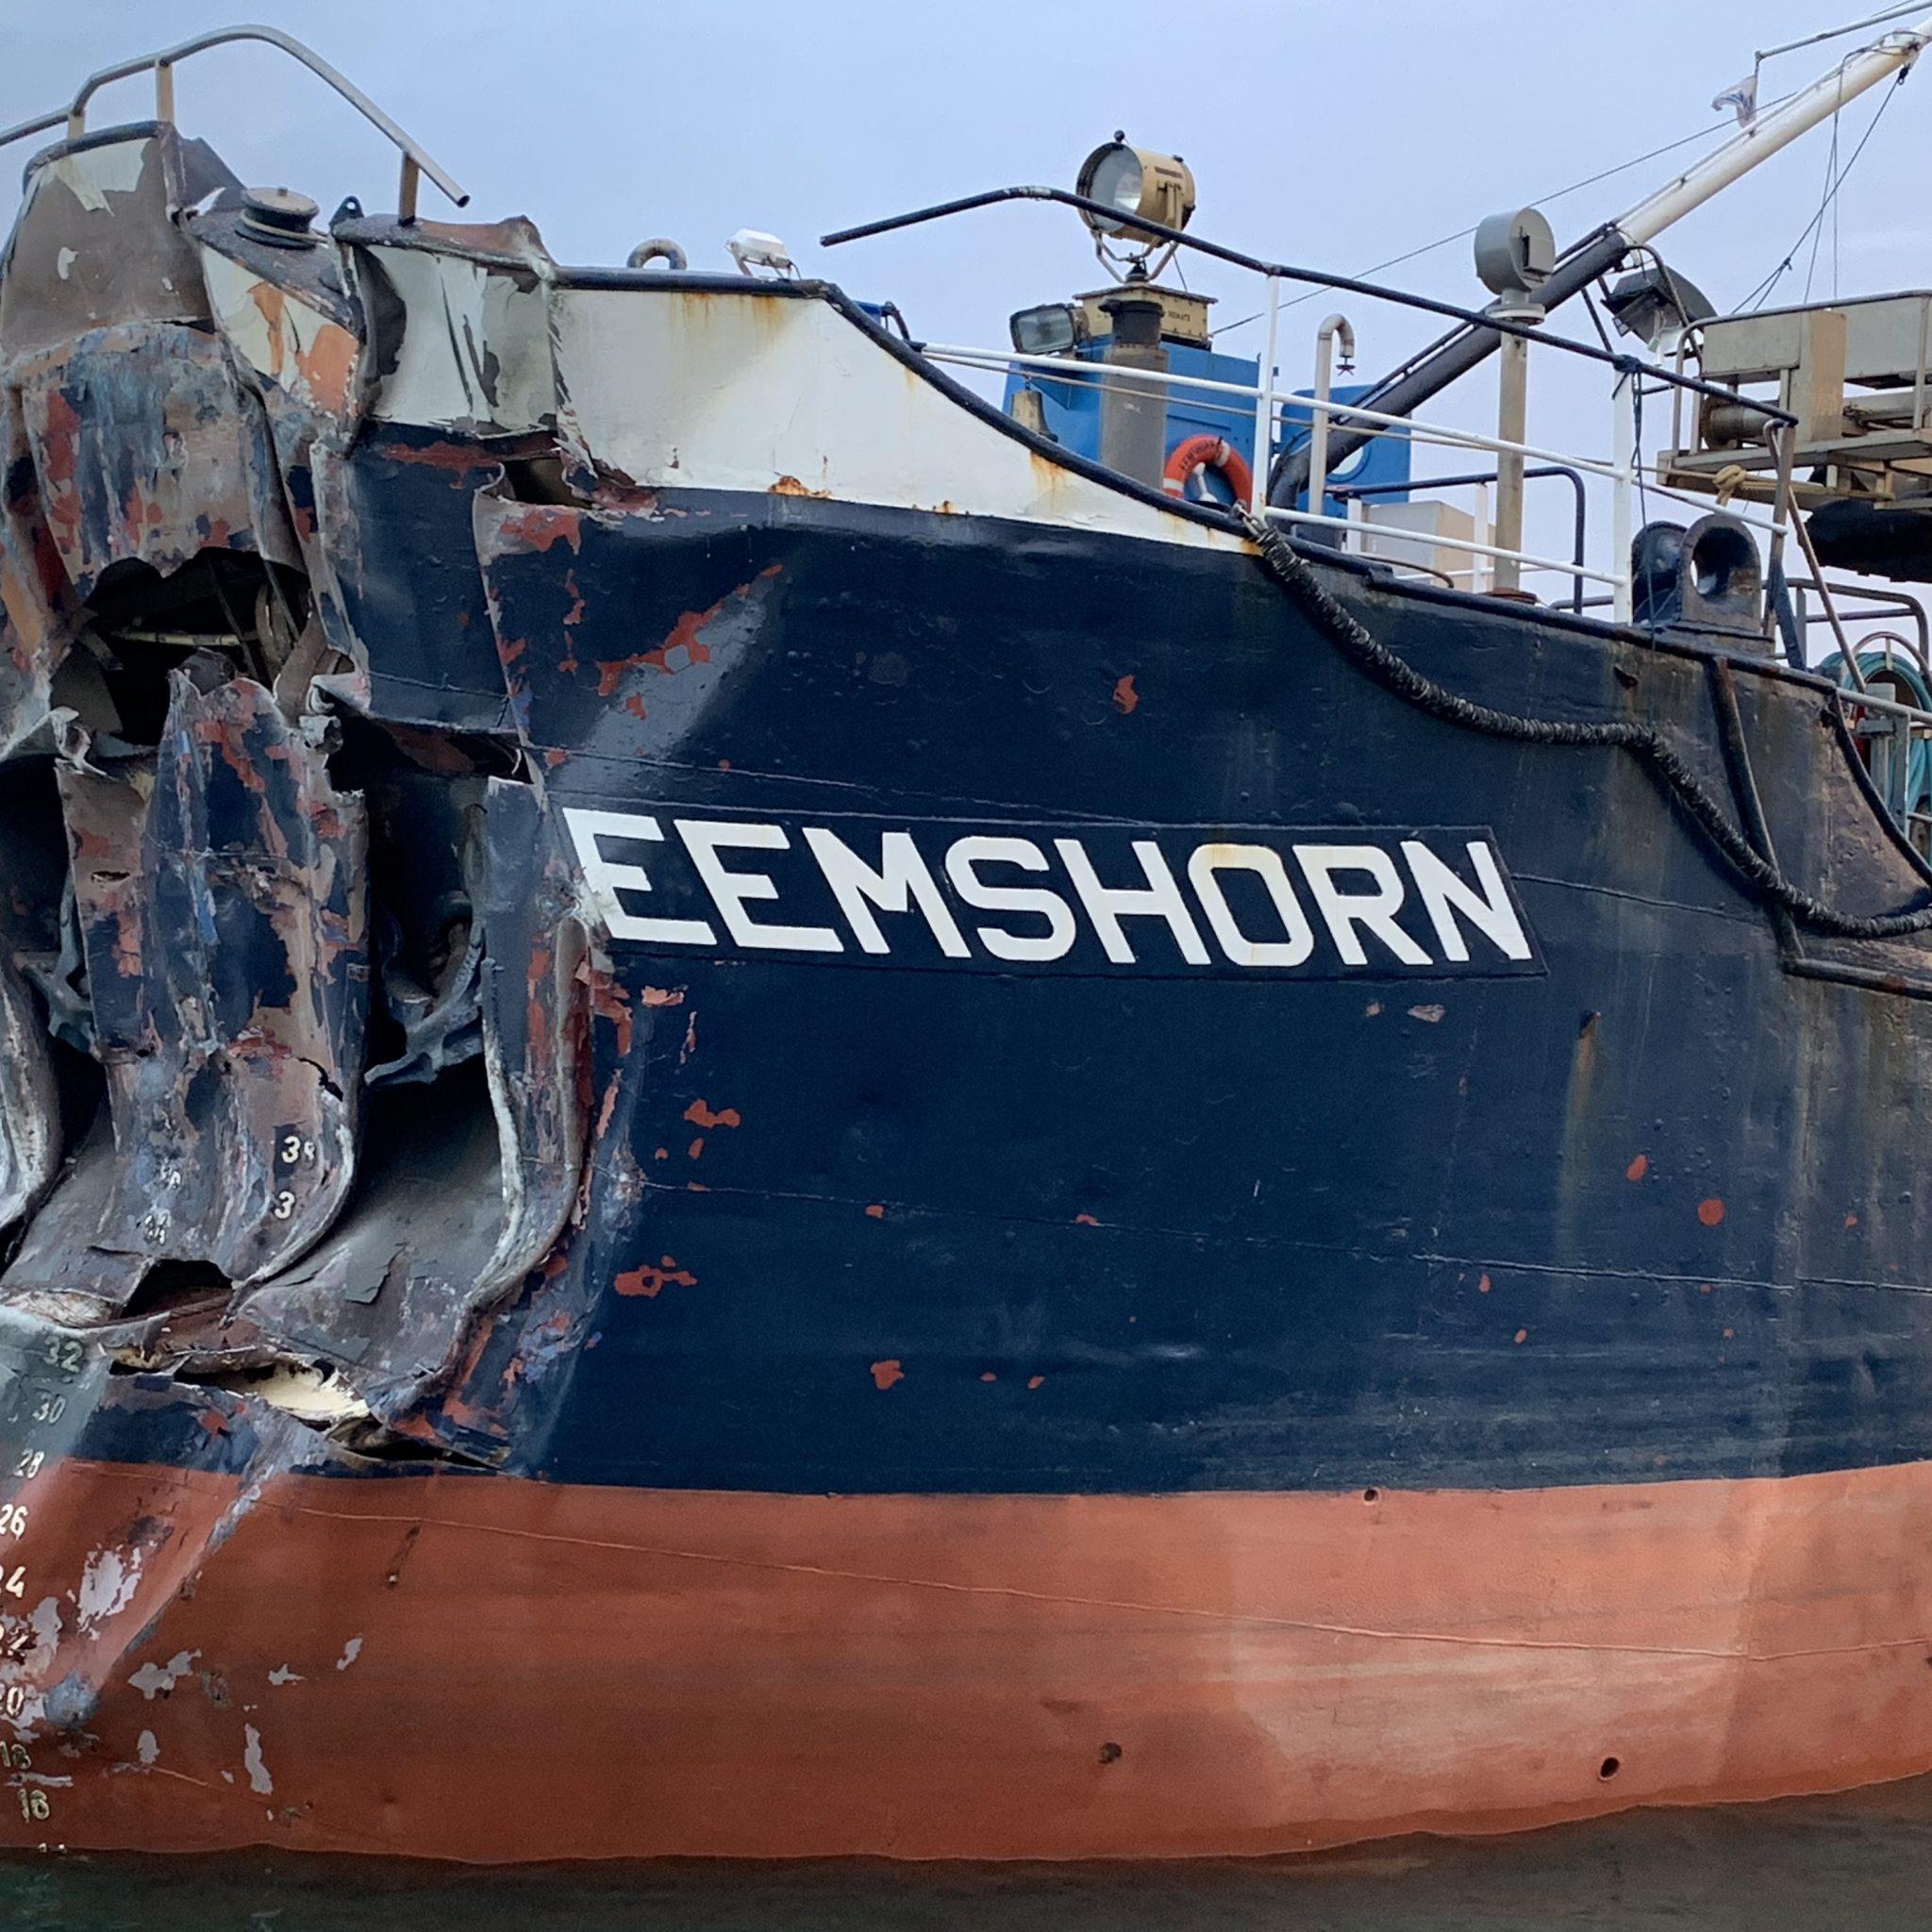 De zwaargehavende Eemshorn na de aanvaring met de Oosterscheldekering. (Foto Omroep Zeeland)